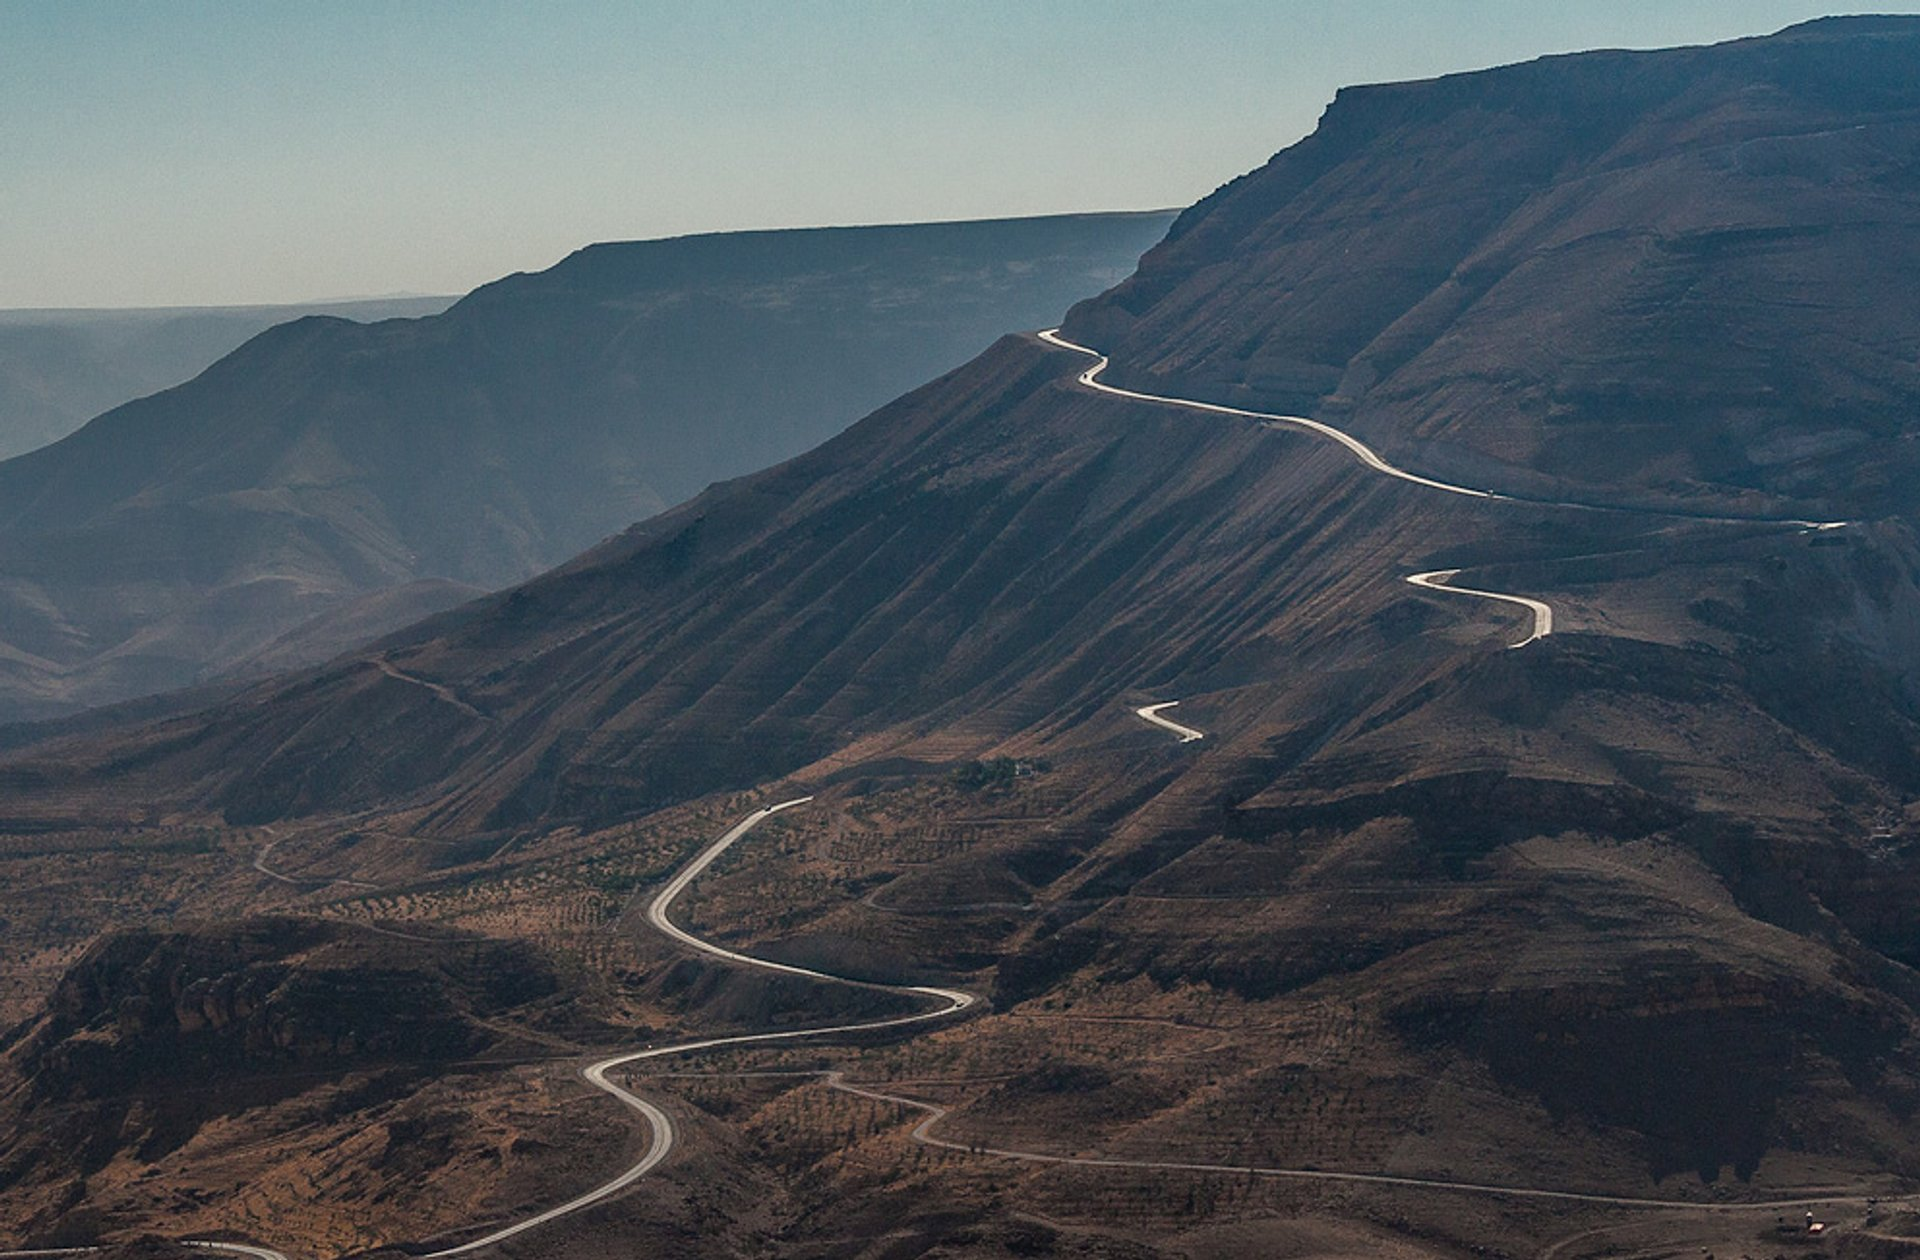 King's Highway in Jordan - Best Time